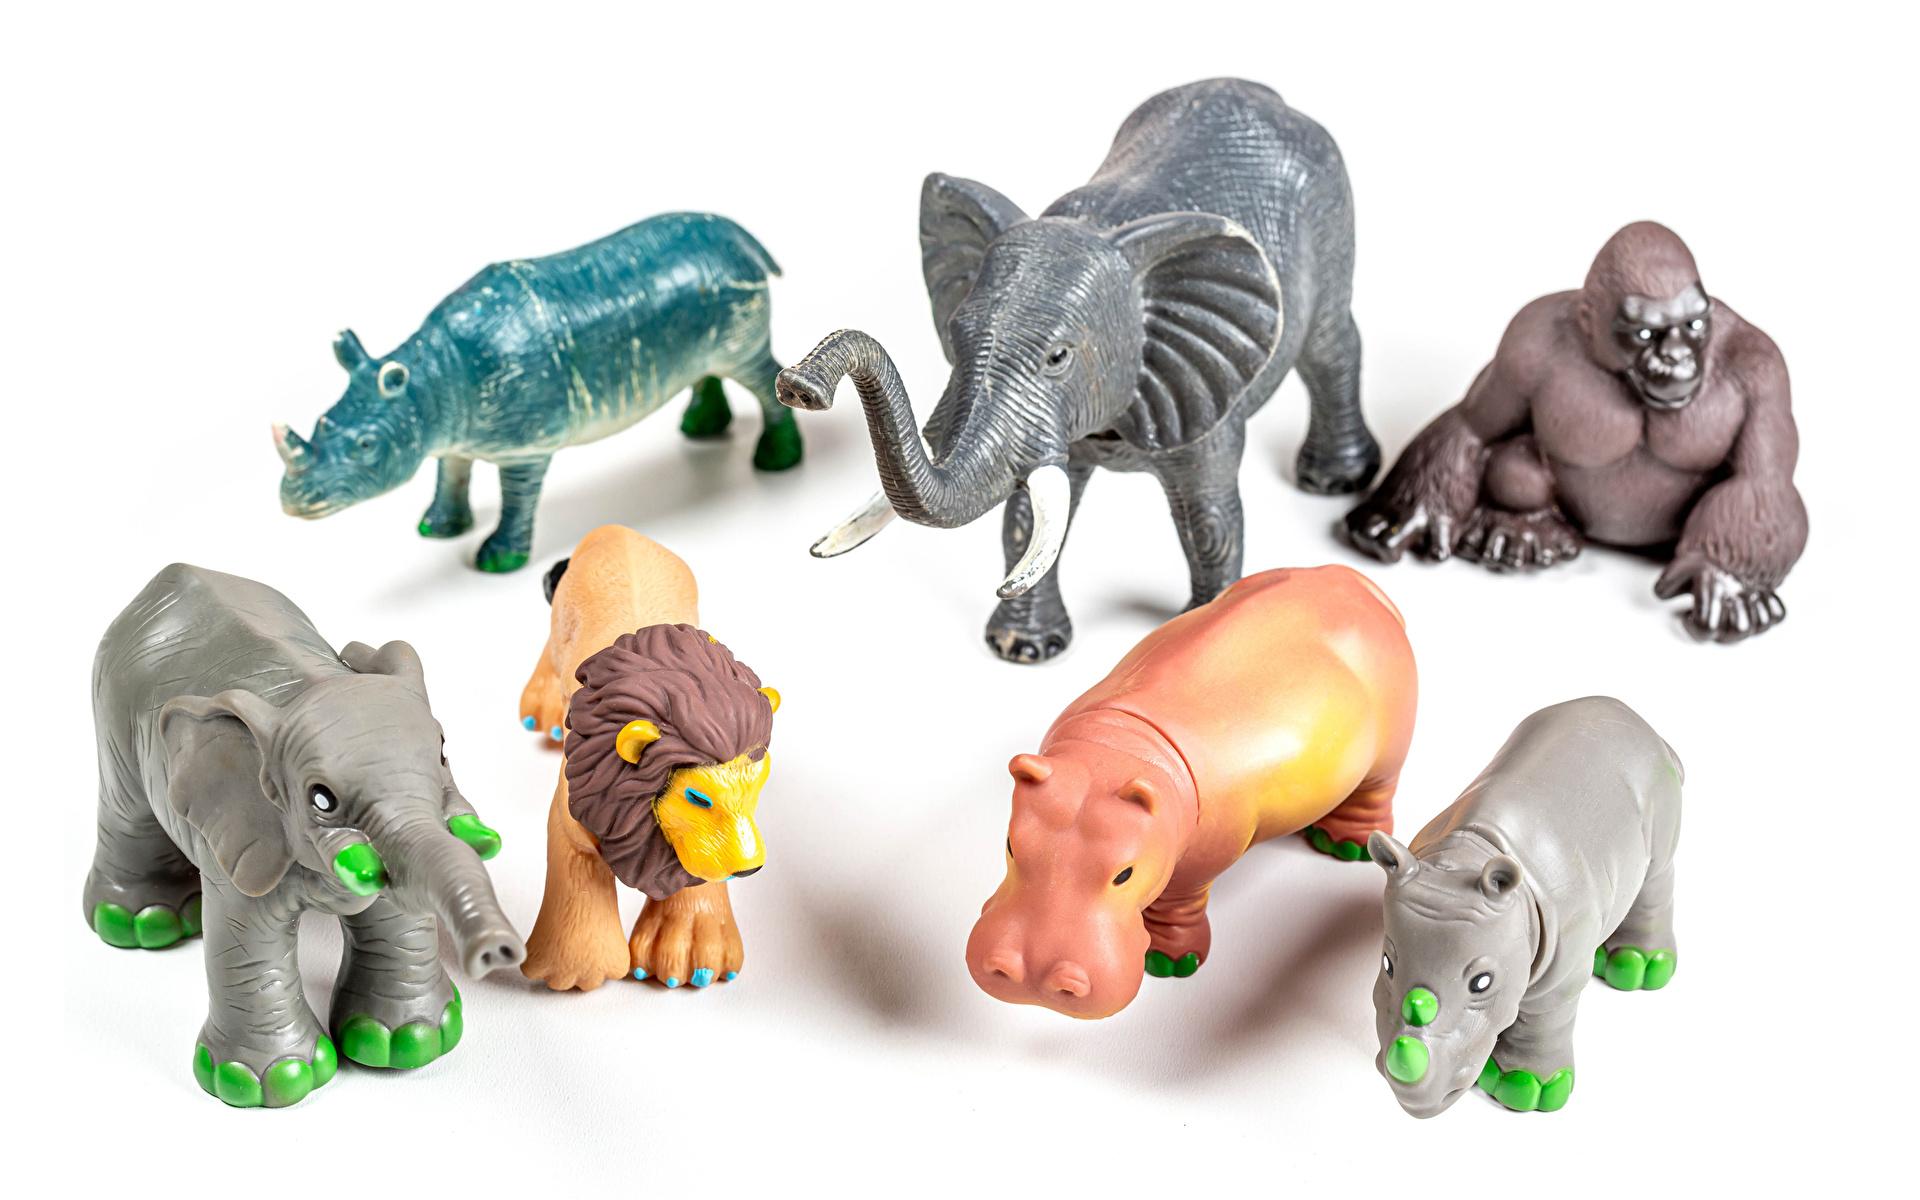 Фотографии Львы Слоны Бегемоты обезьяна игрушка животное Белый фон 1920x1200 лев слон Обезьяны Гиппопотамы Игрушки Животные белом фоне белым фоном